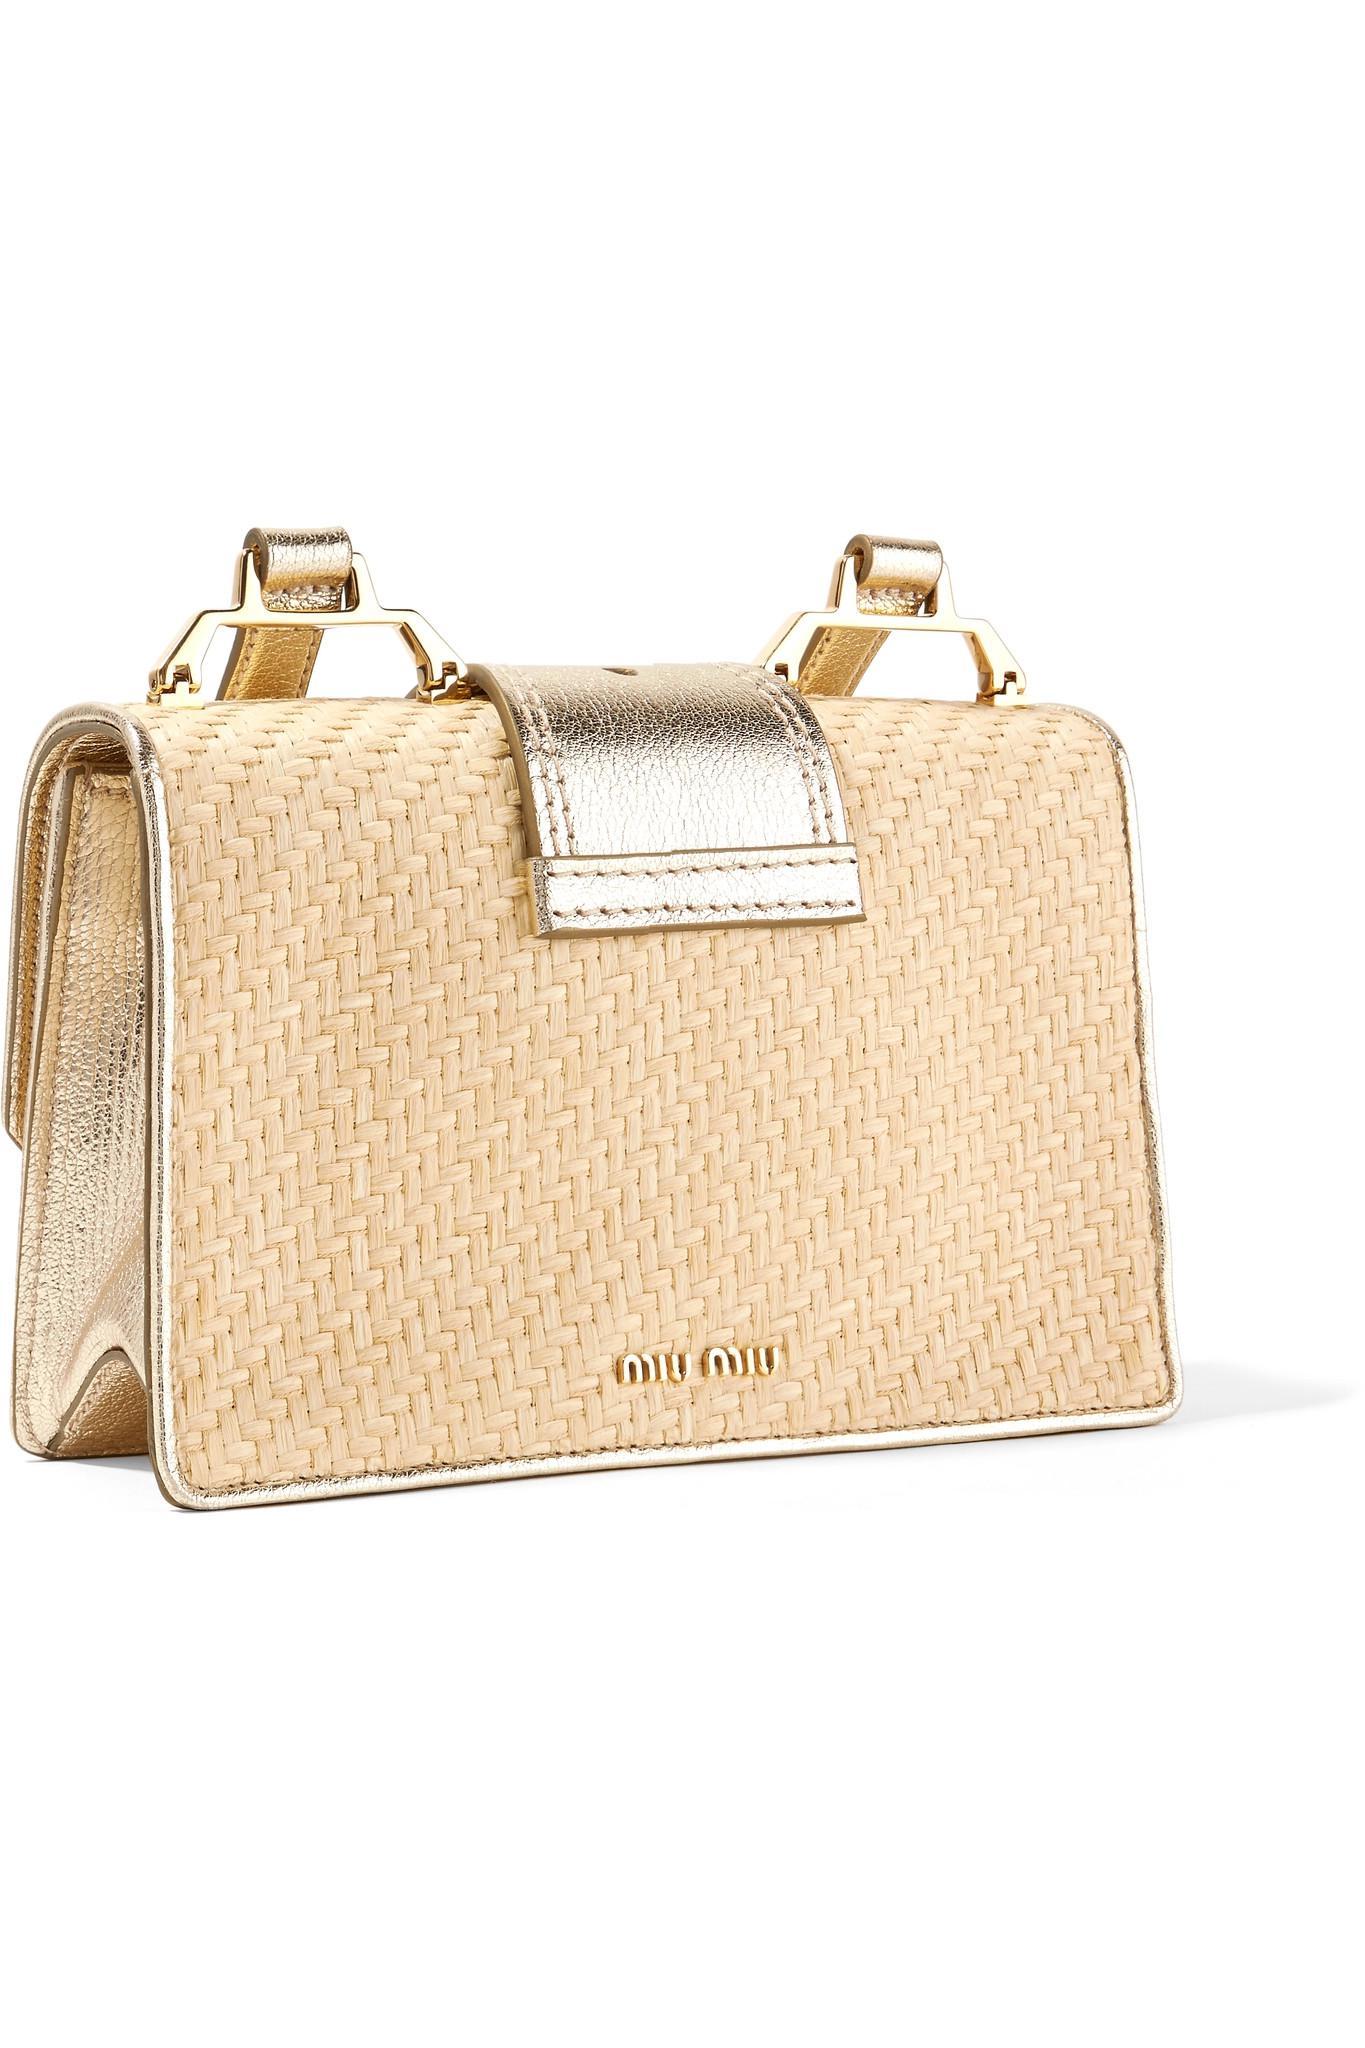 848258d38523 Lyst - Miu Miu Miu Lady Embellished Raffia And Textured-leather ...